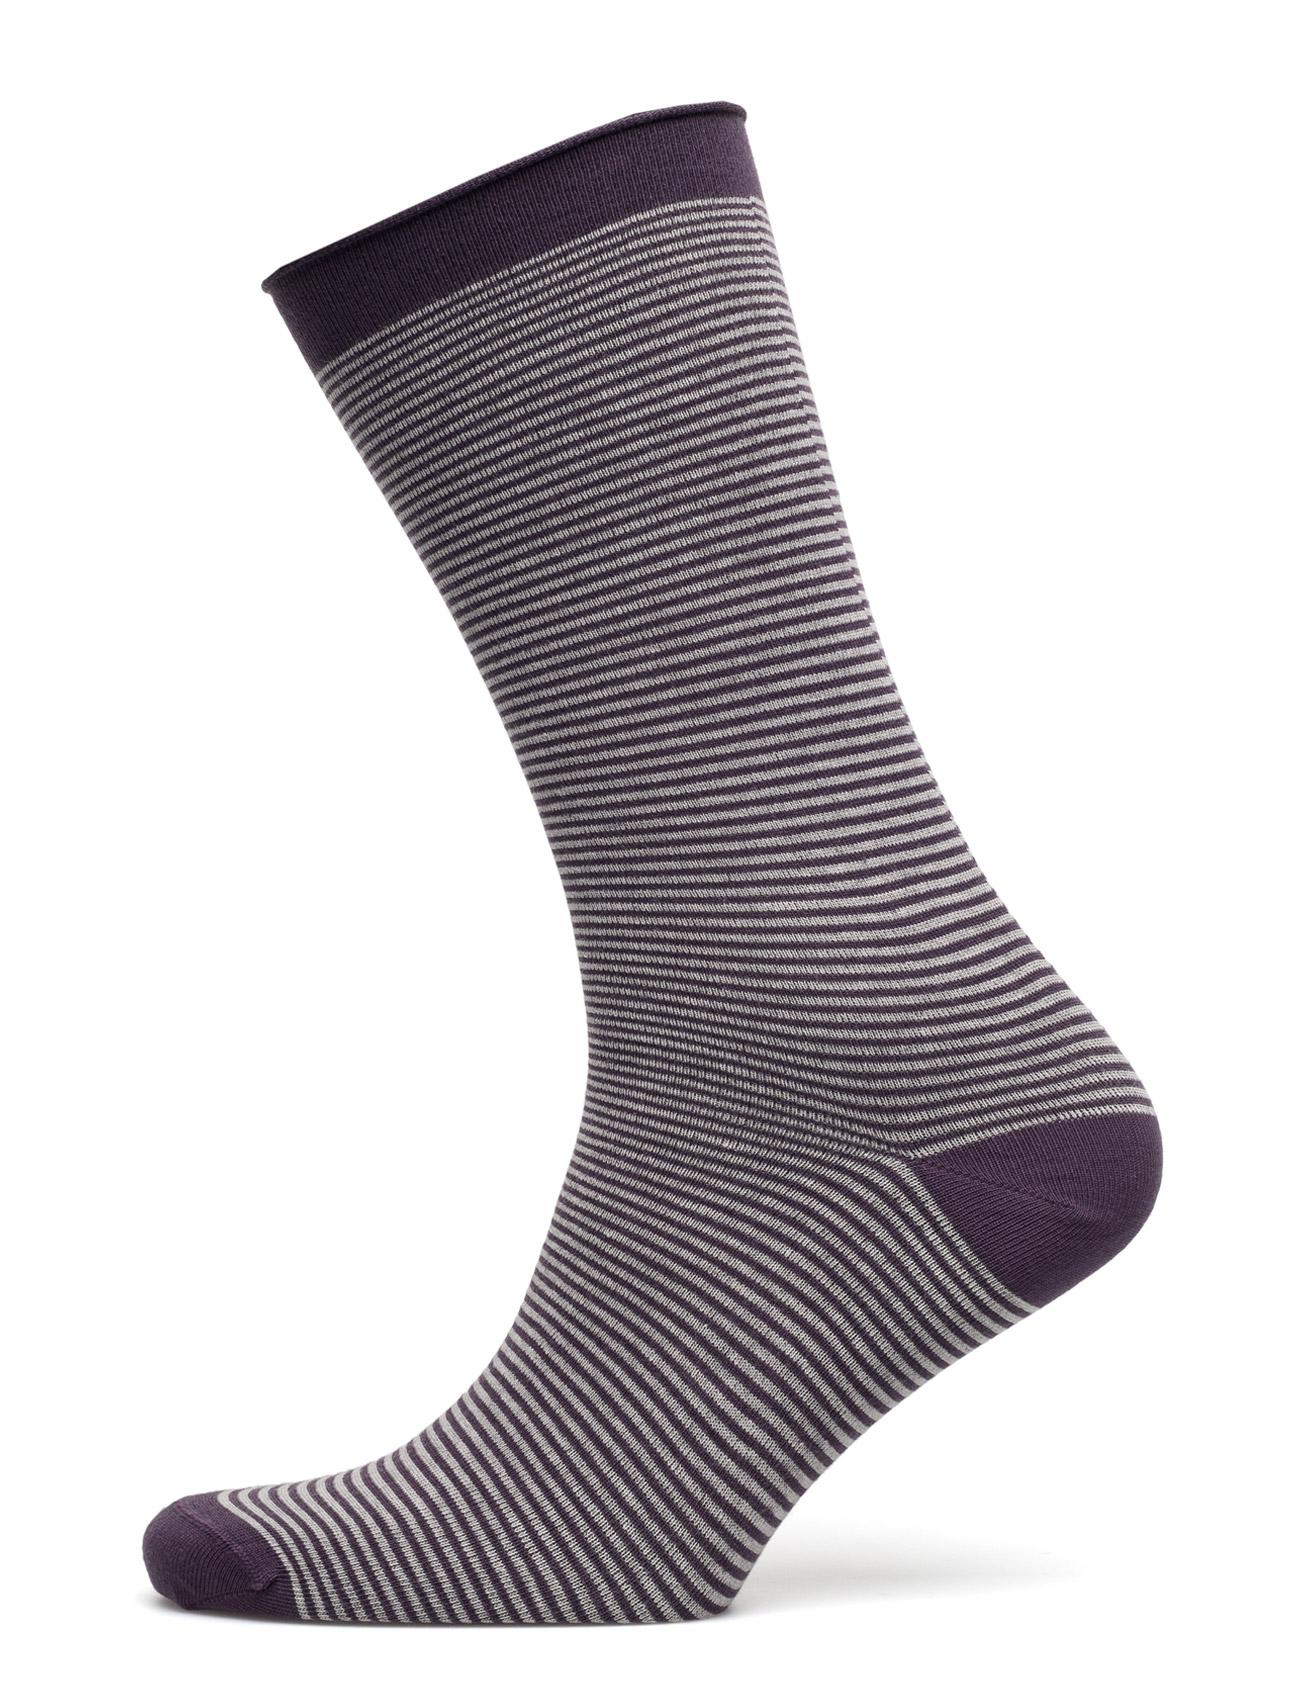 Ladies Fine Knit Ankle Sample Decoy Strømpebukser til Damer i